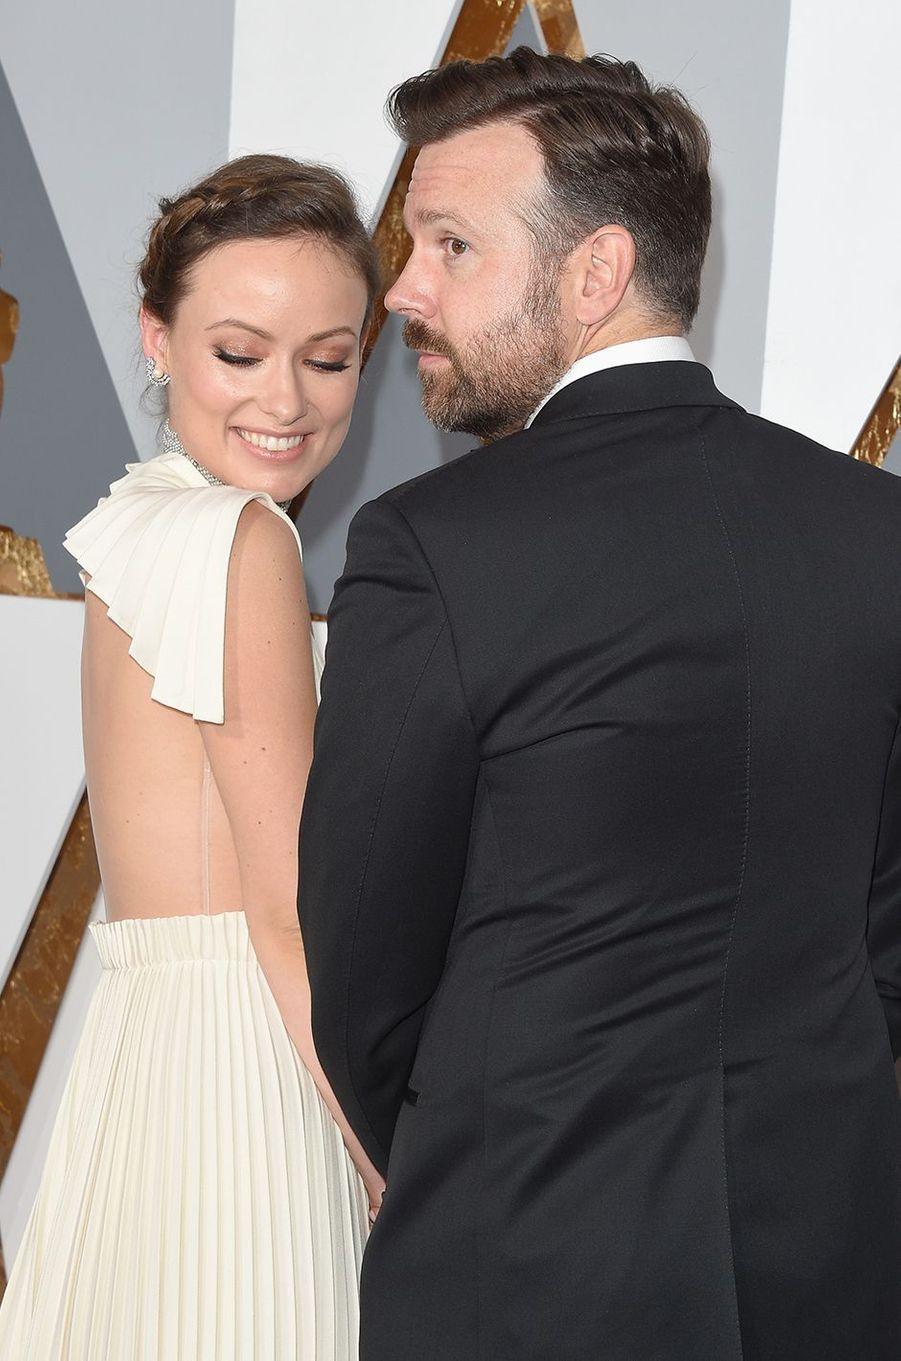 Olivia Wilde et Jason Sudeikis aux Oscars à Los Angeles en février 2016